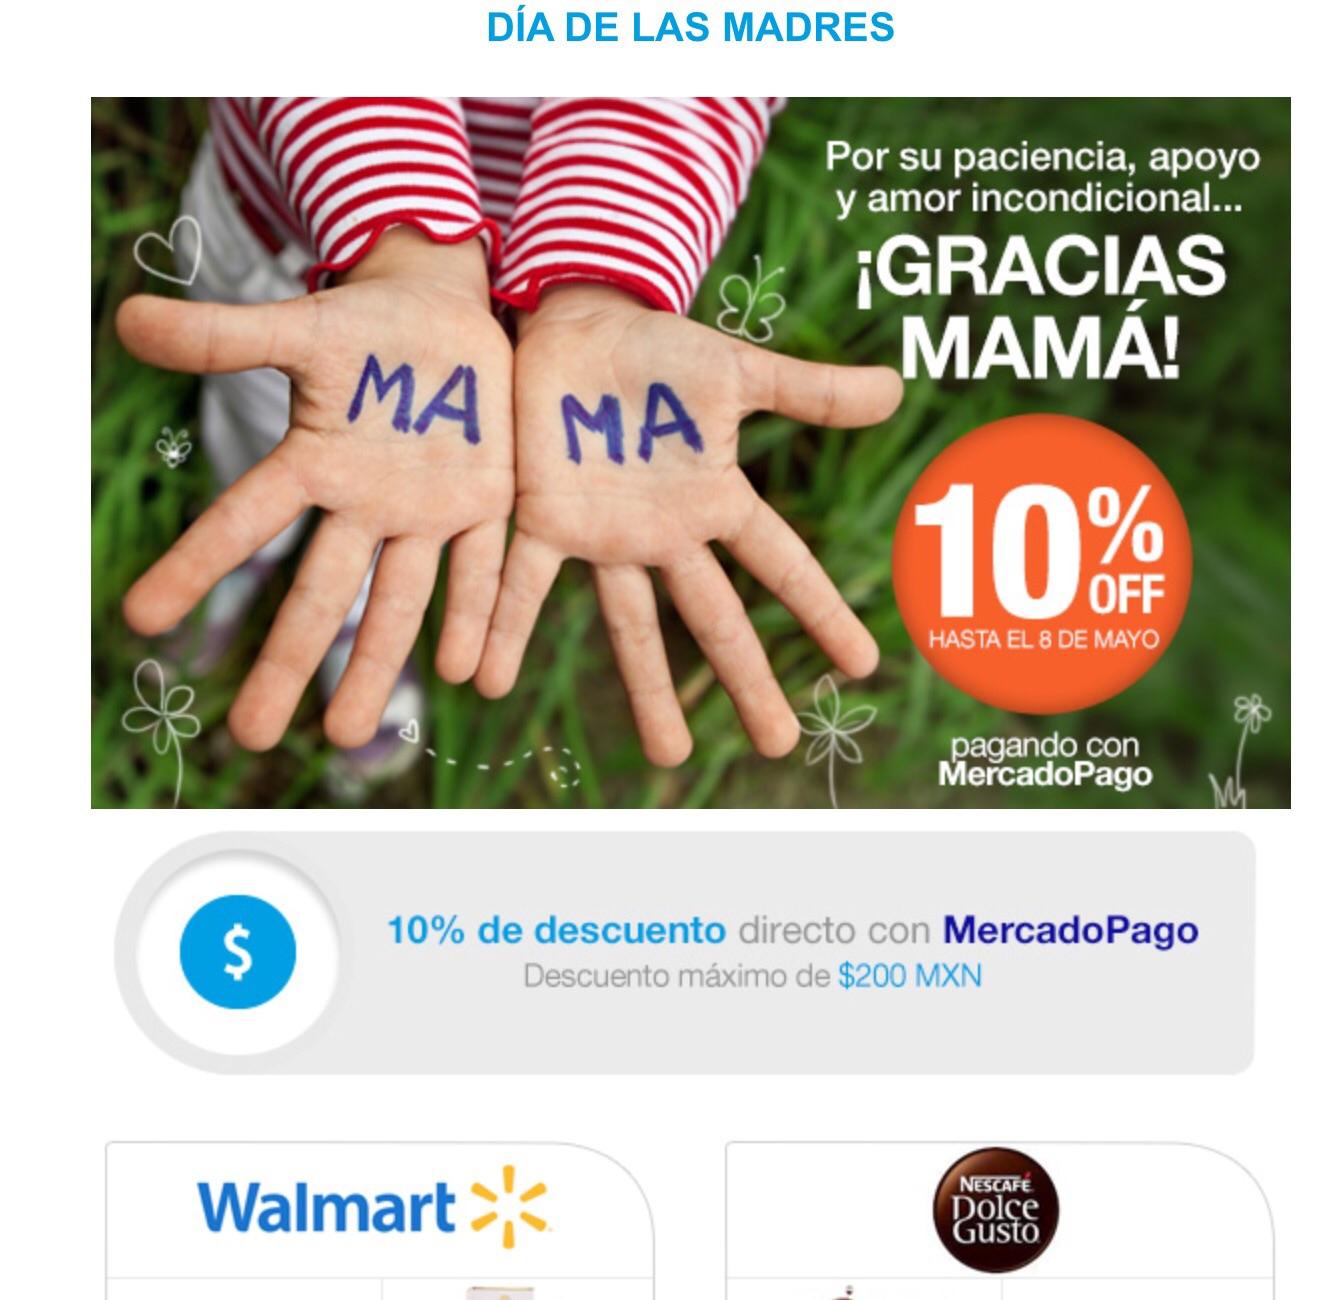 10% de descuento en Walmart y otras tiendas (hasta $200) pagando con mercadopago